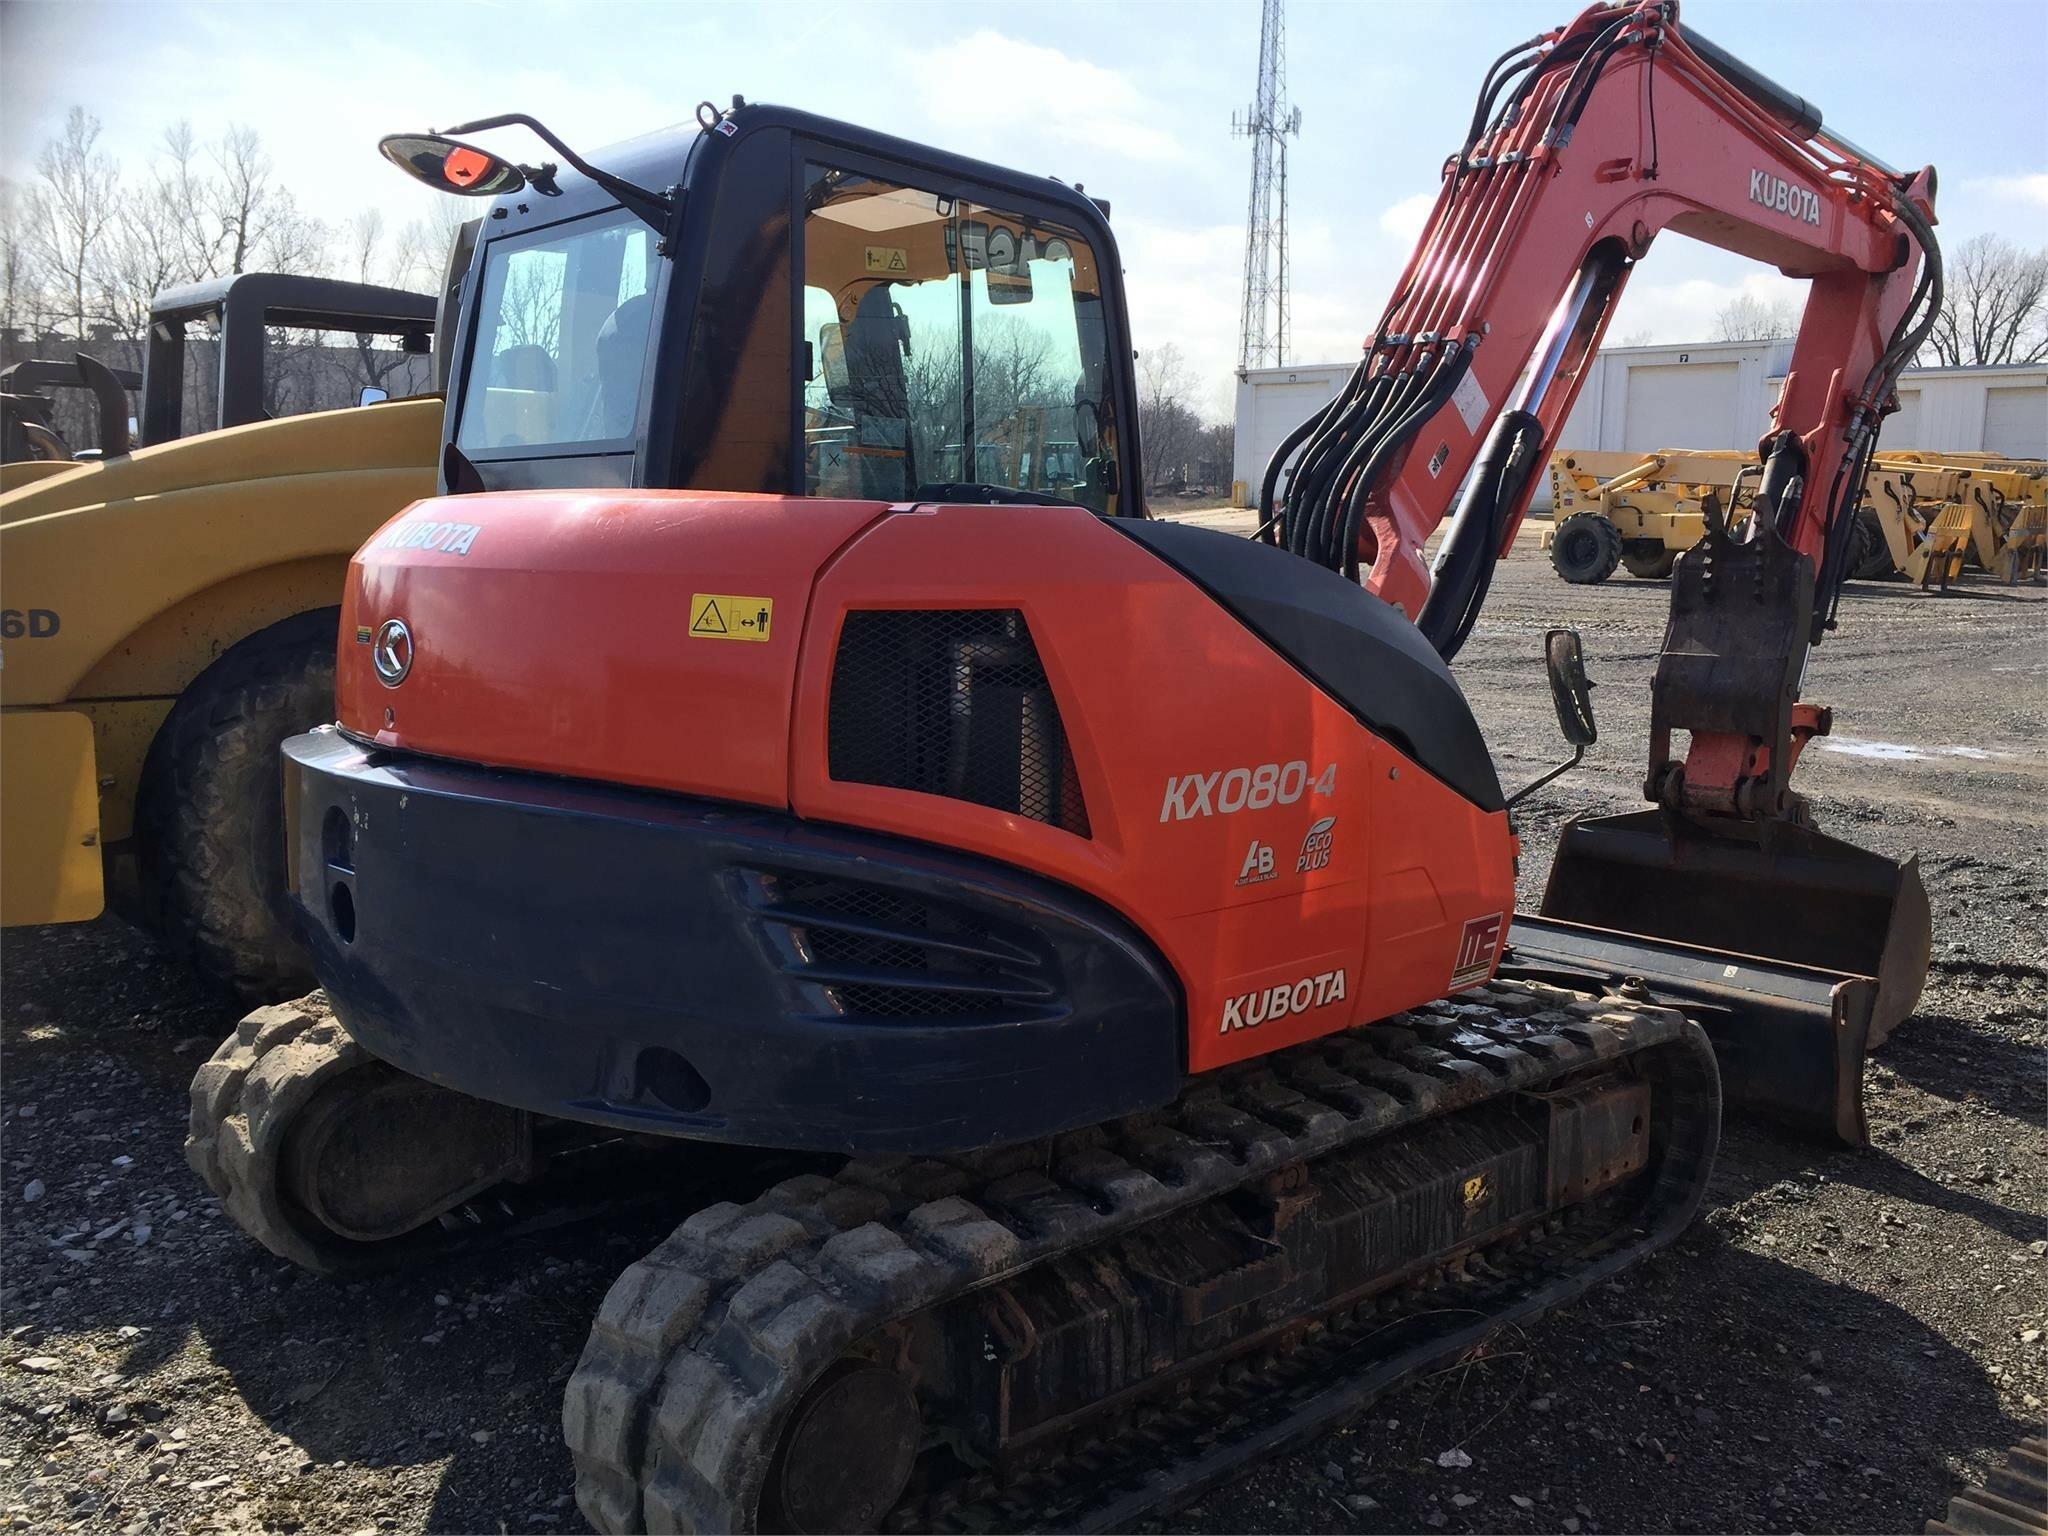 2015 Kubota KX080-4 Excavators and Mini Excavator